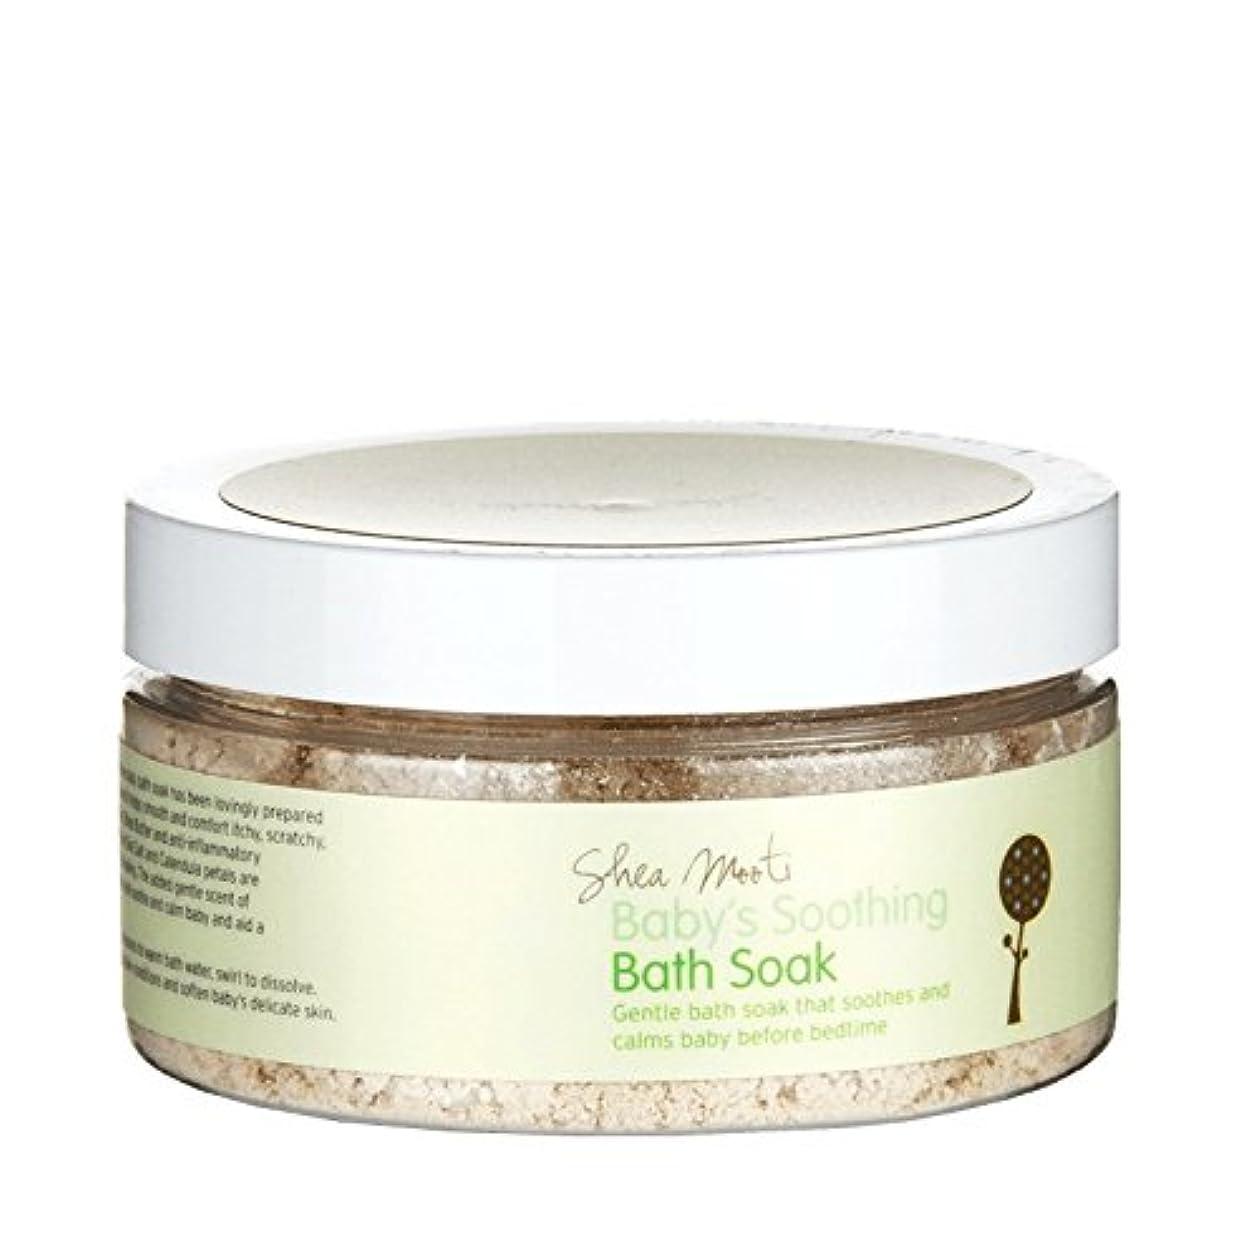 モートライトニング動かないシアバターMooti赤ちゃんの癒しのお風呂は、130グラムを浸し - Shea Mooti Baby's Soothing Bath Soak 130g (Shea Mooti) [並行輸入品]